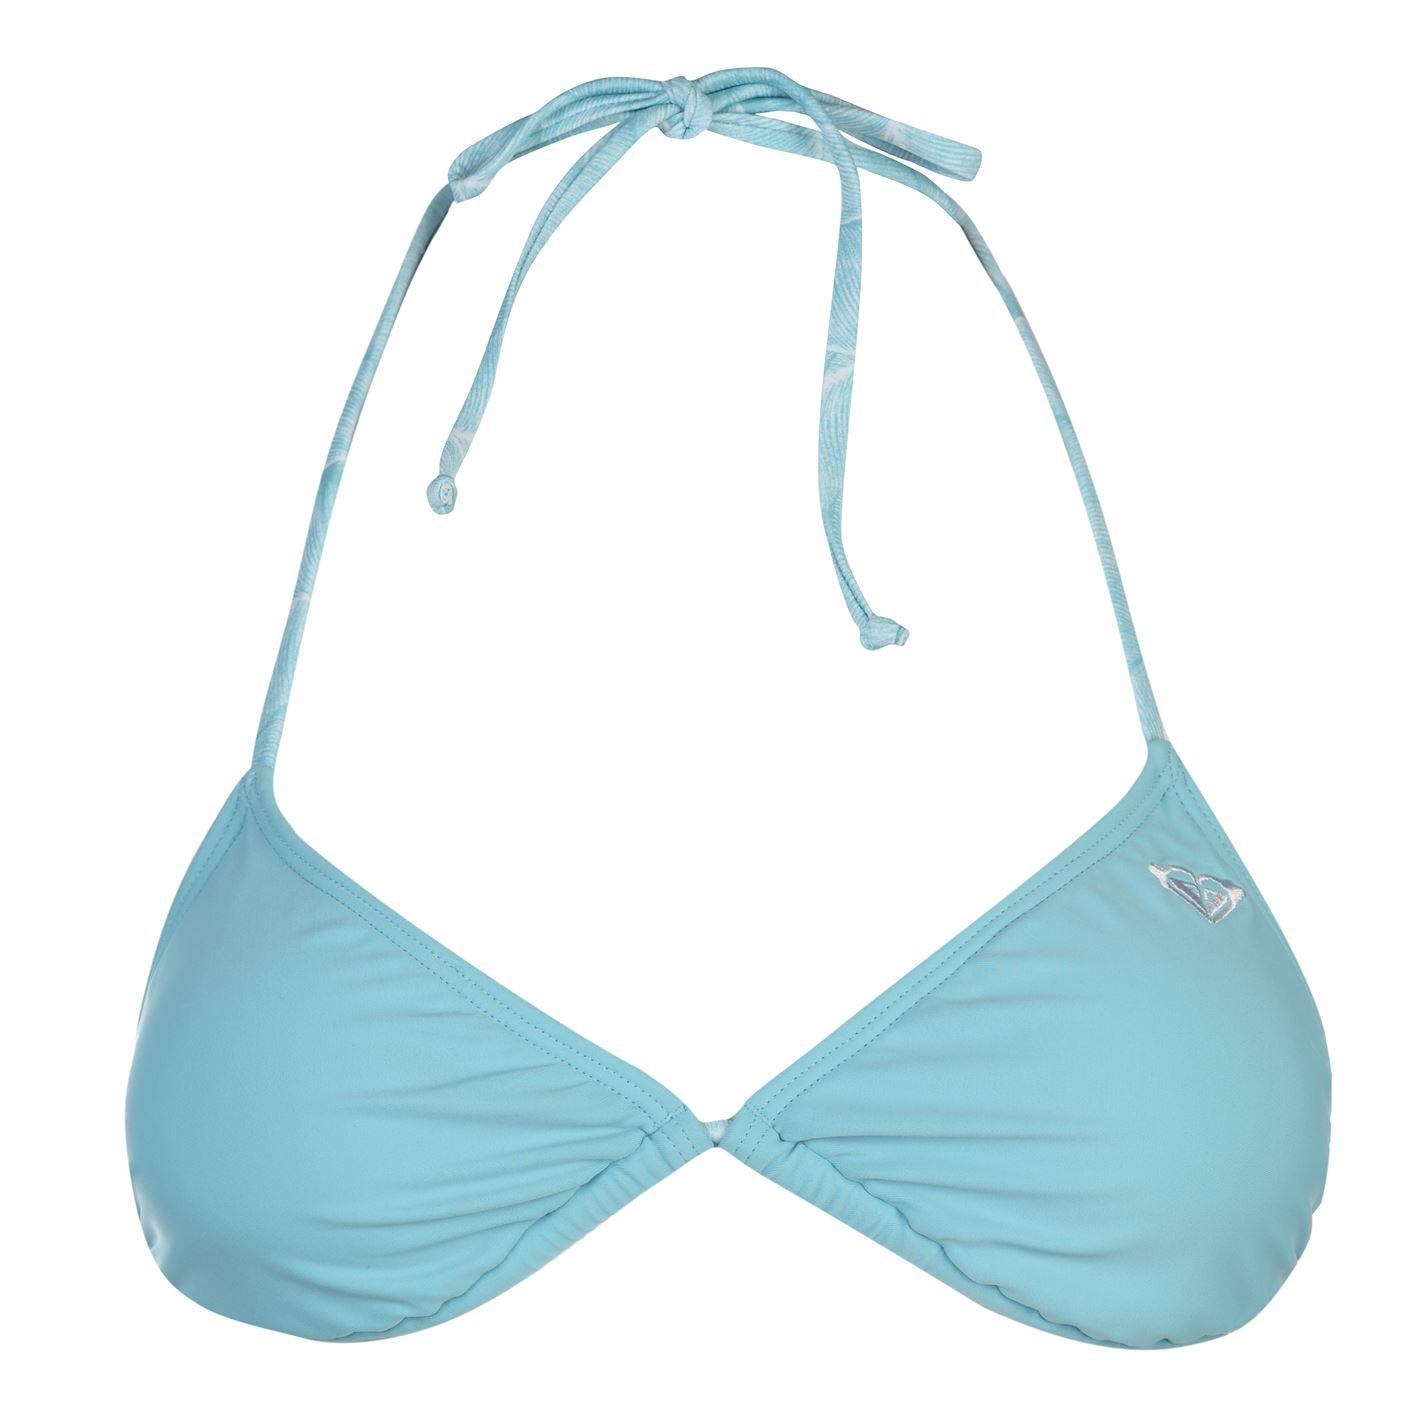 Roxy Tiki Triangle Bikini Top Ladies